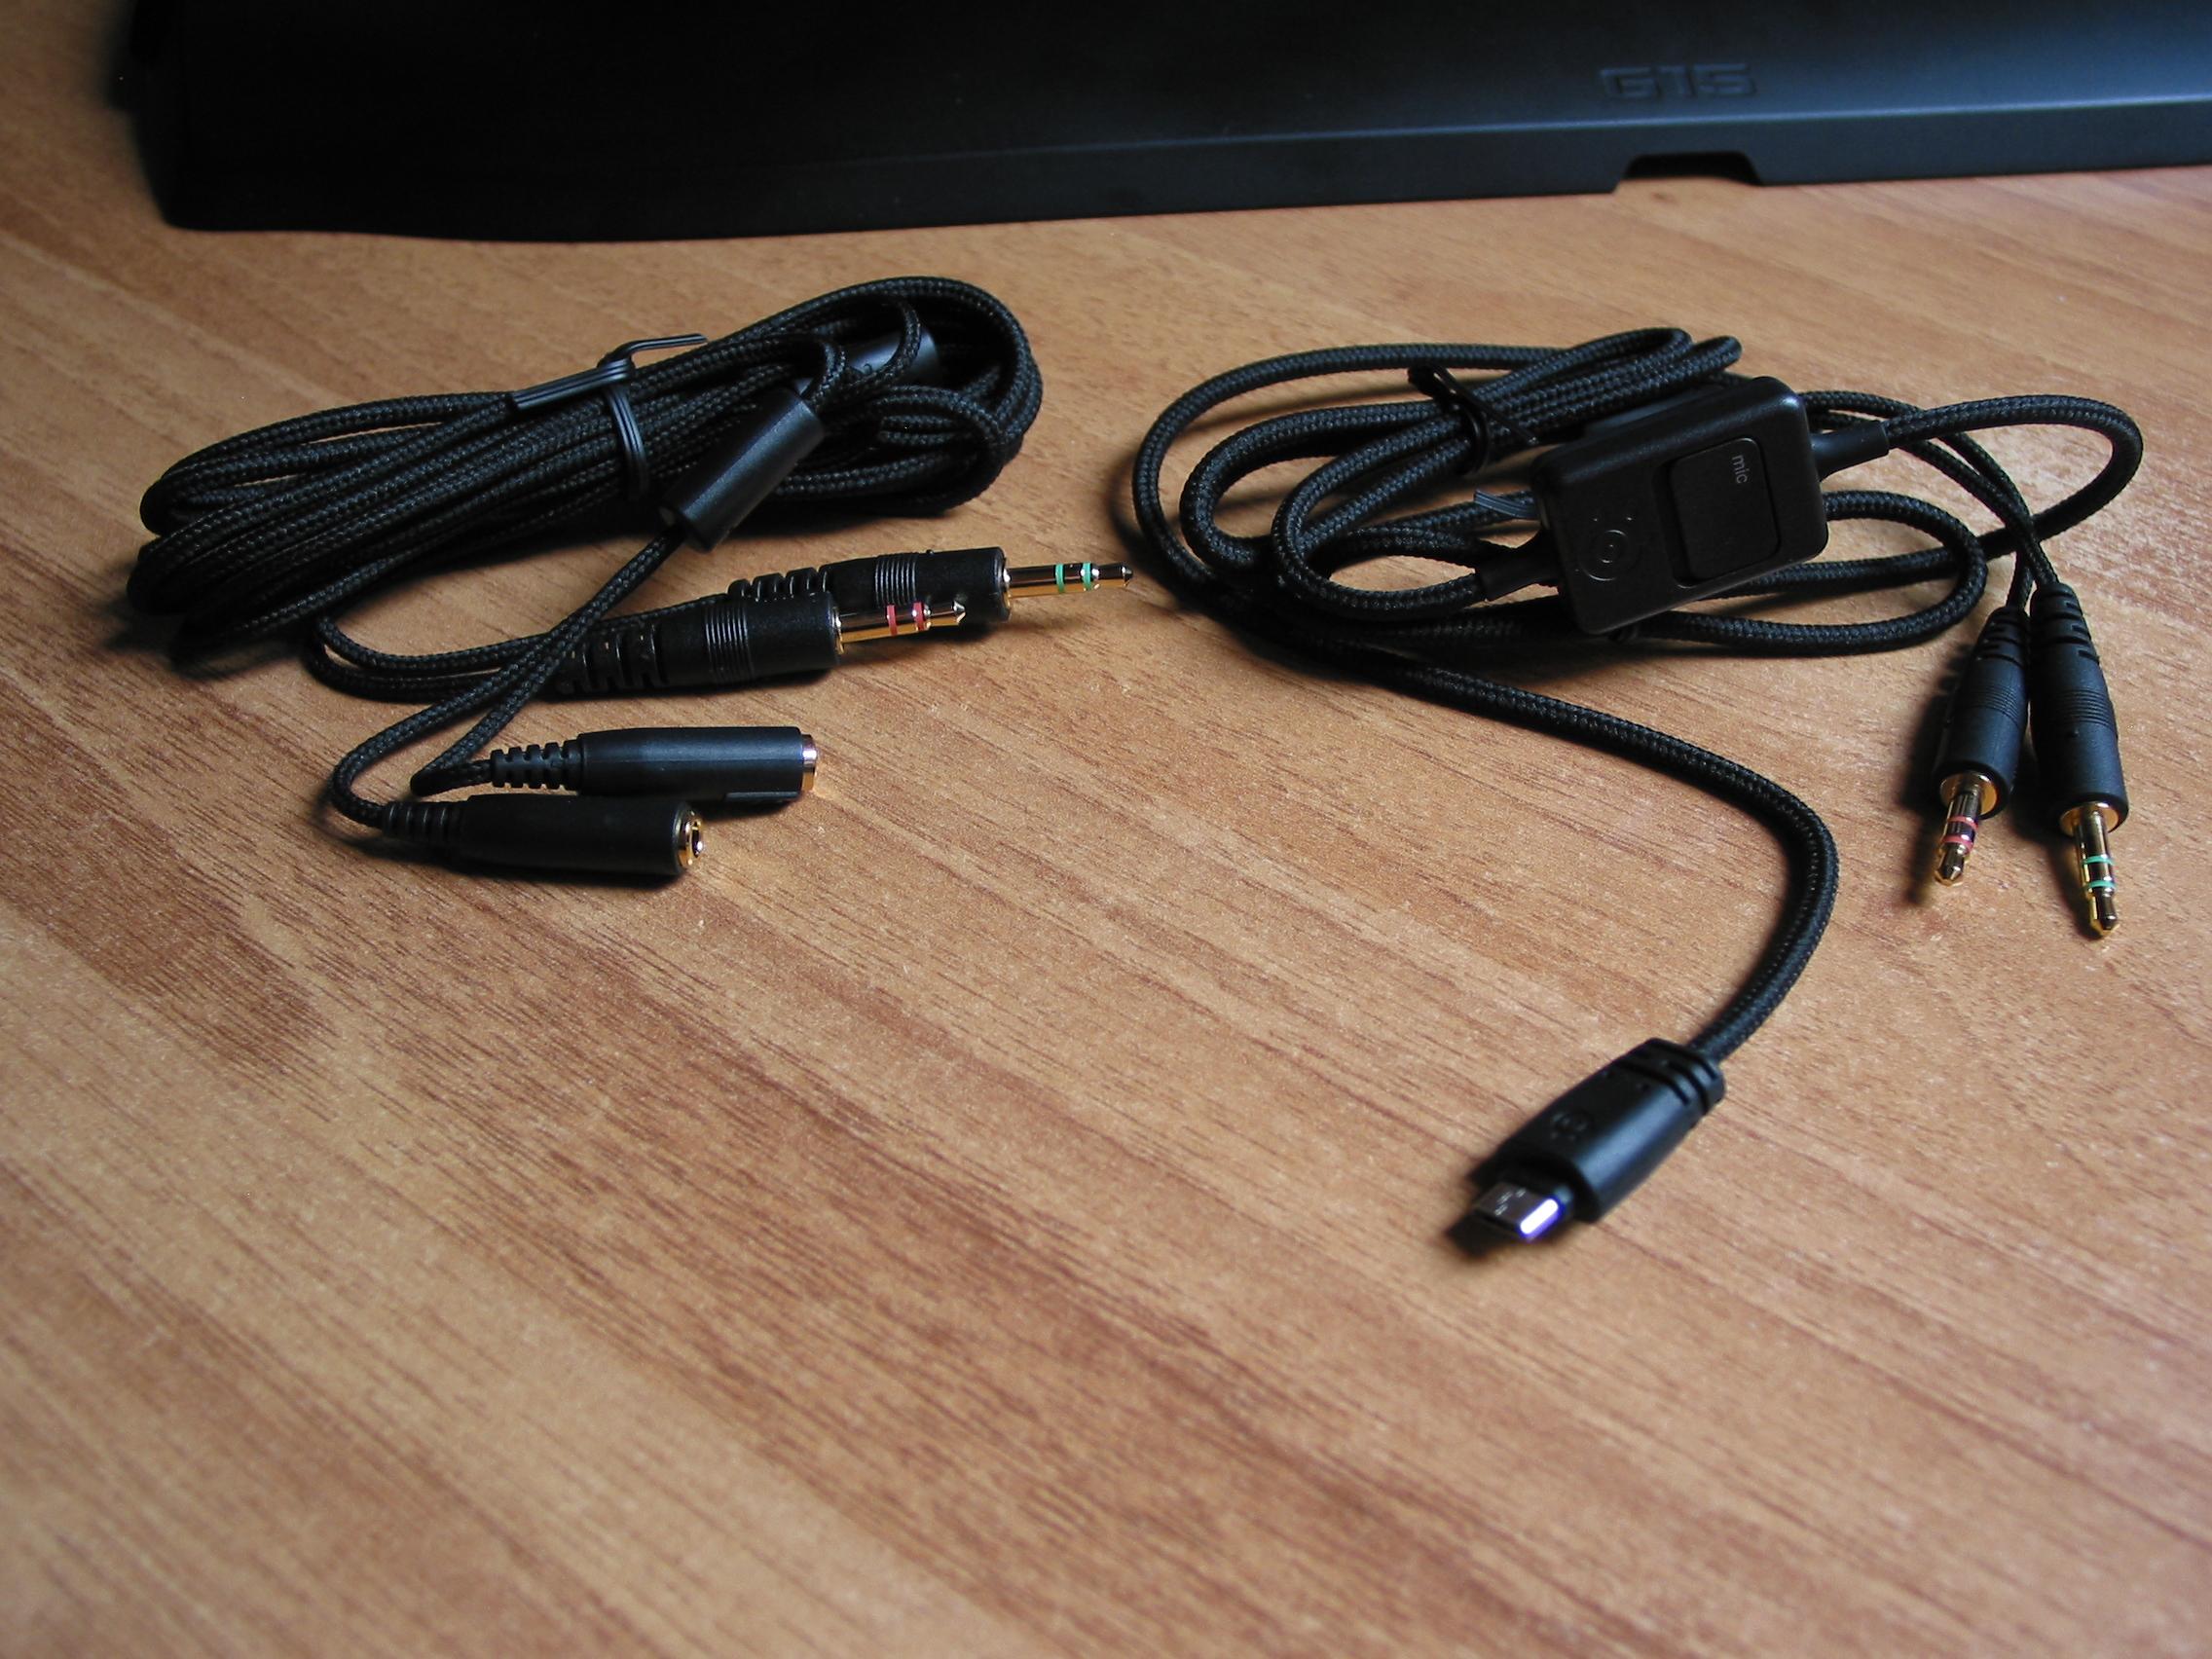 Ausreichend Kabel vorhanden